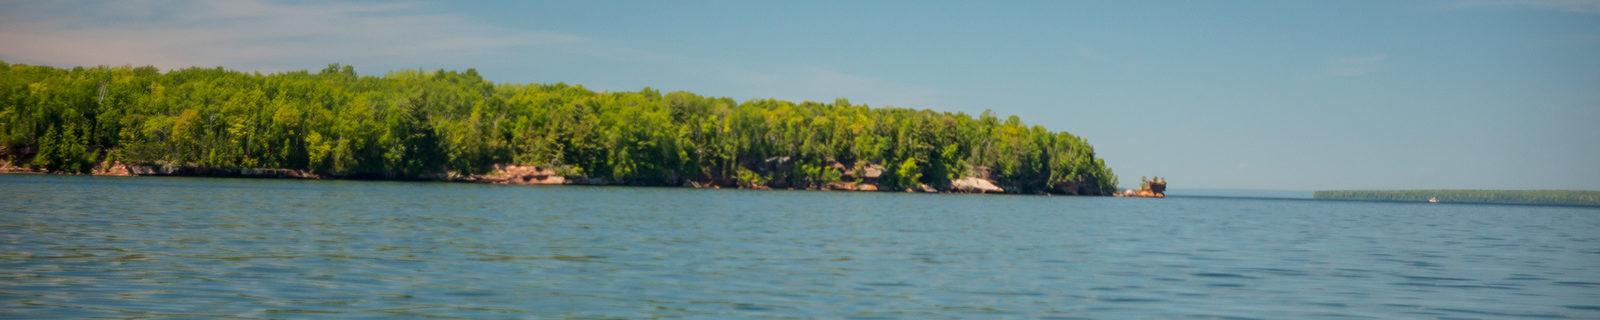 Lake Superior near Madeline Island